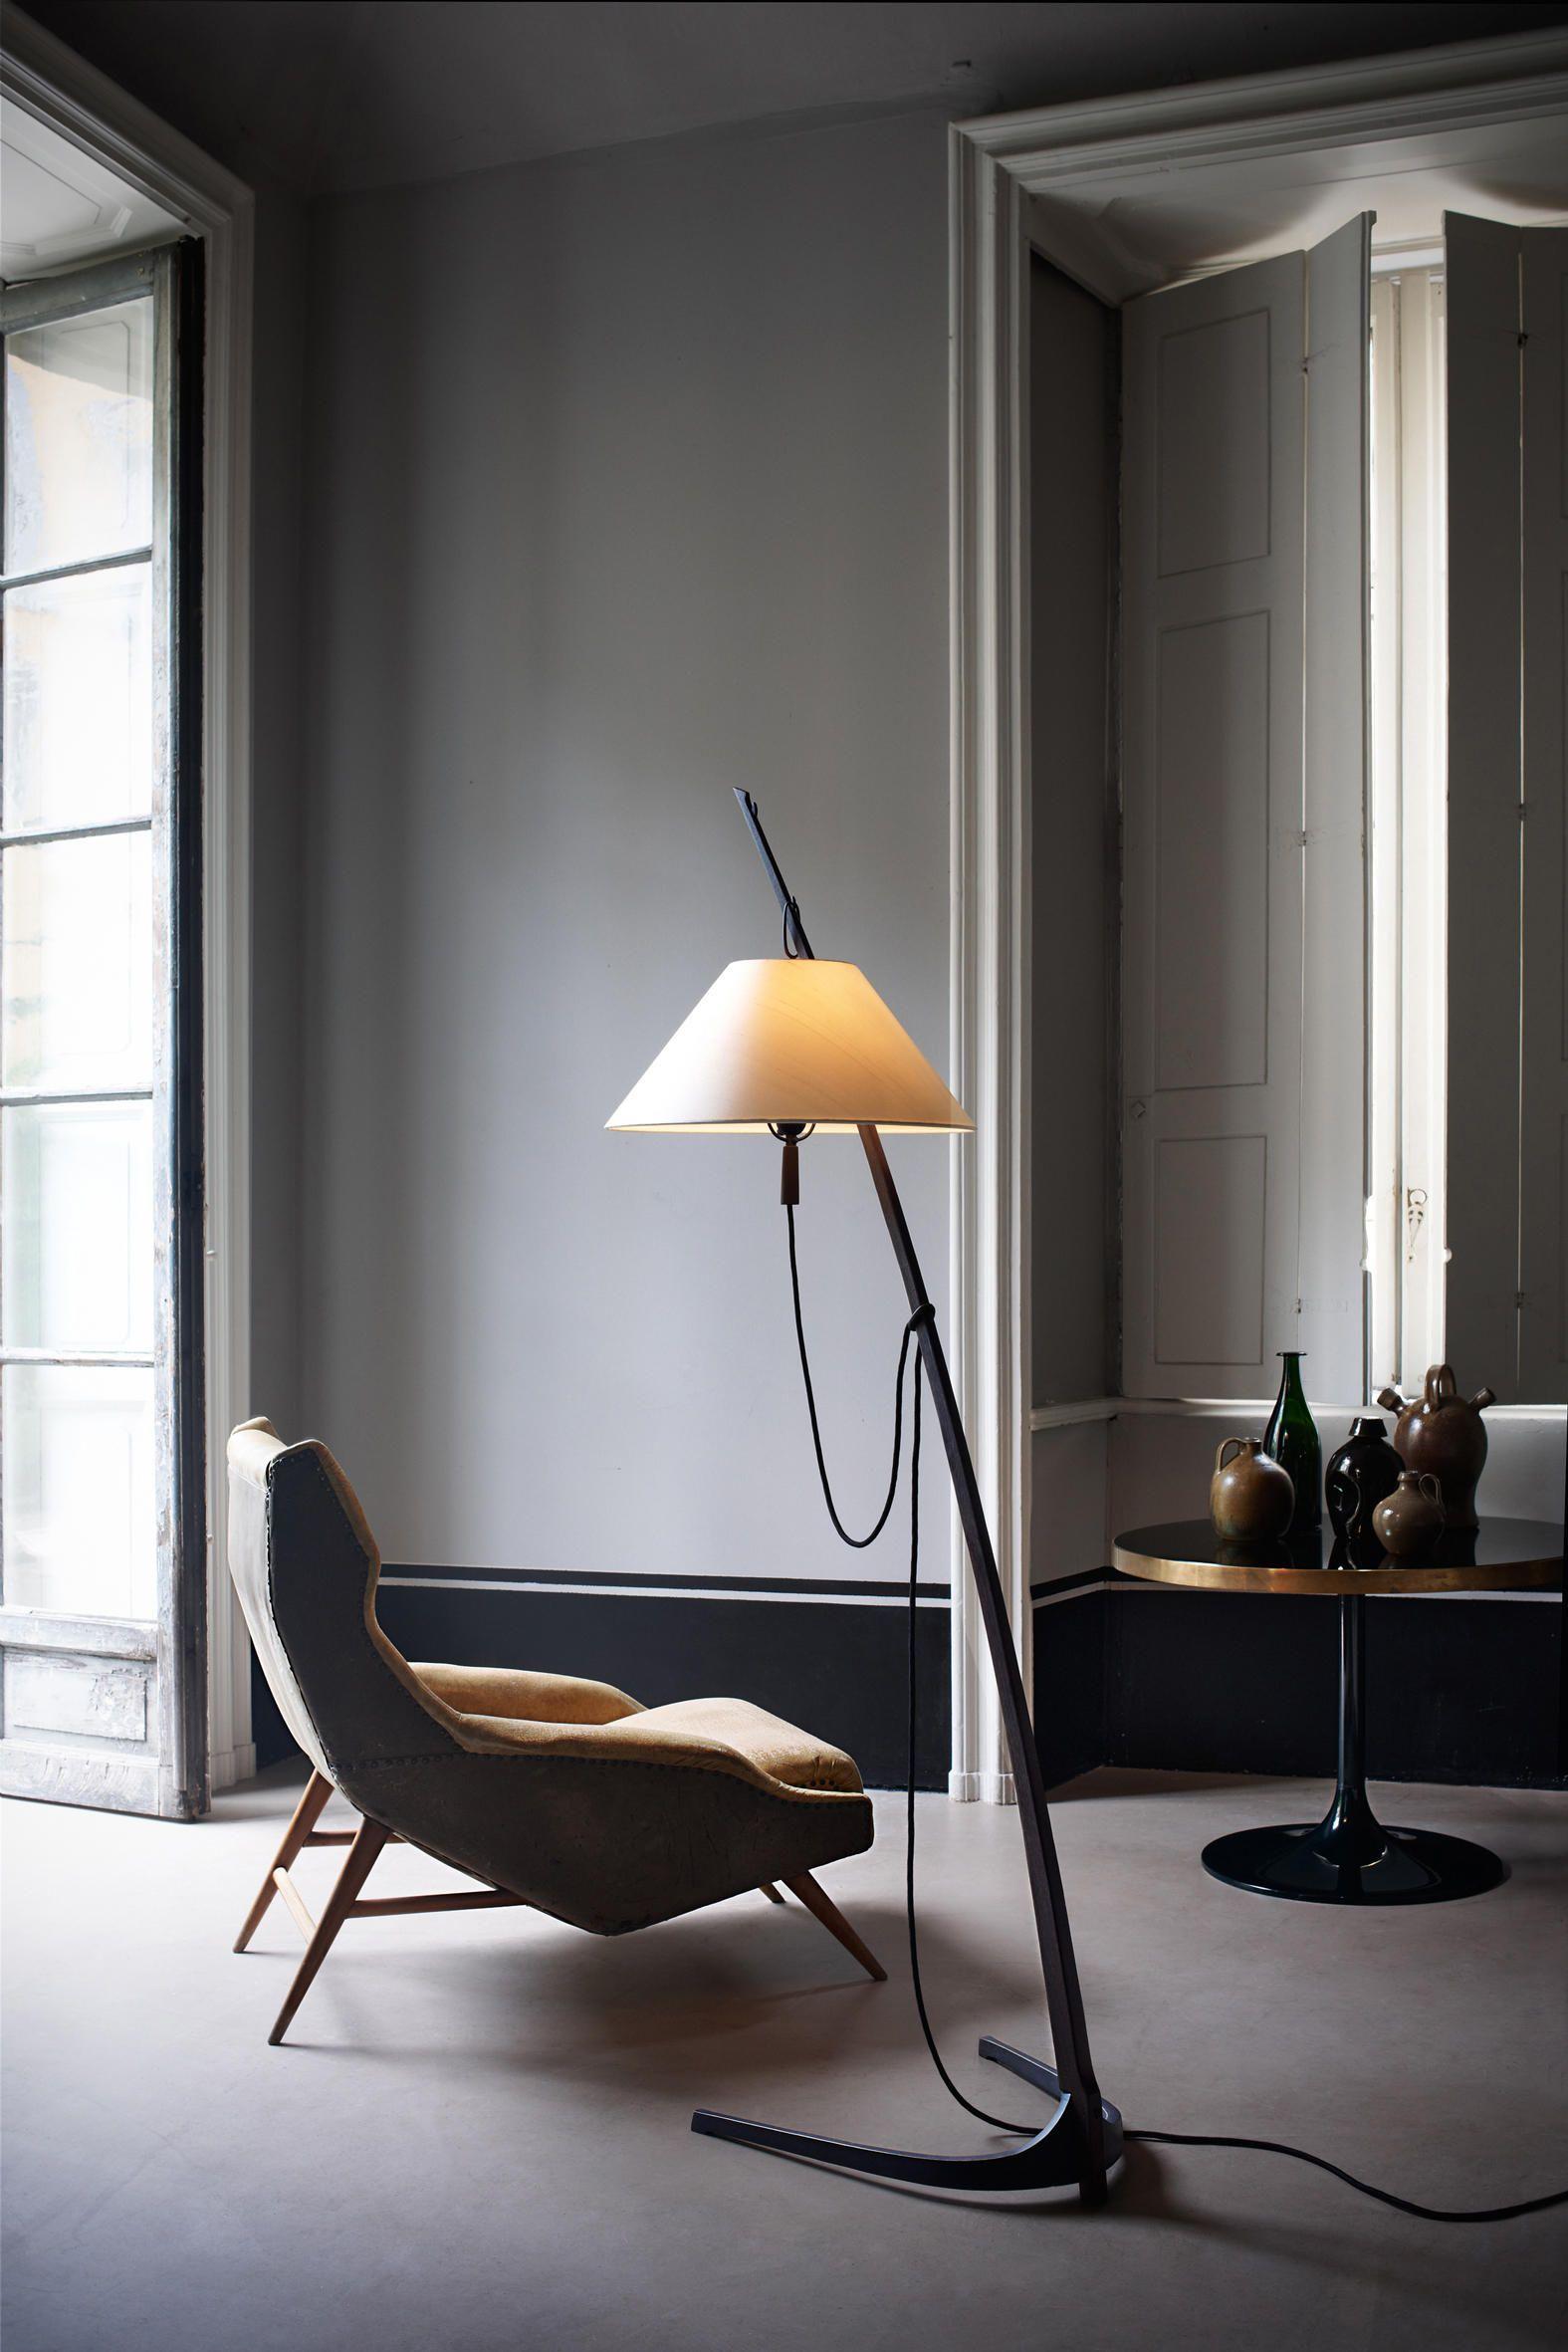 Dornstab Designer General Lighting From Kalmar All